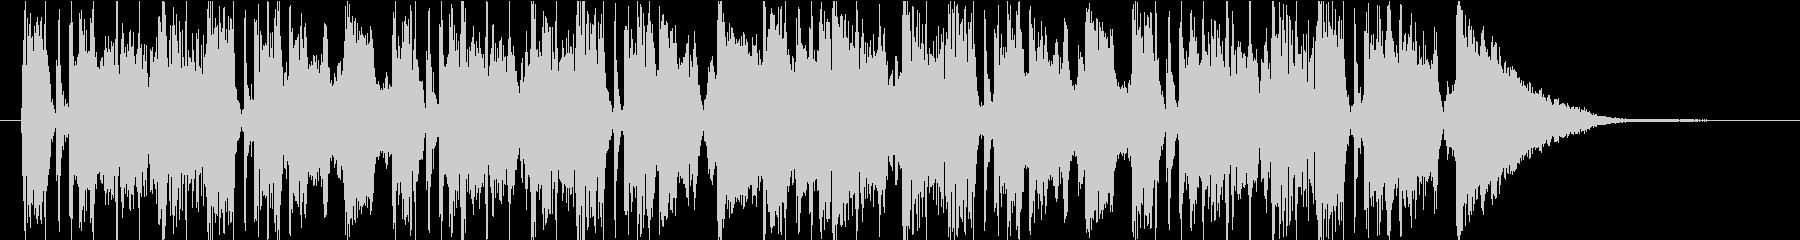 コミカルなキャラ アイキャッチの未再生の波形